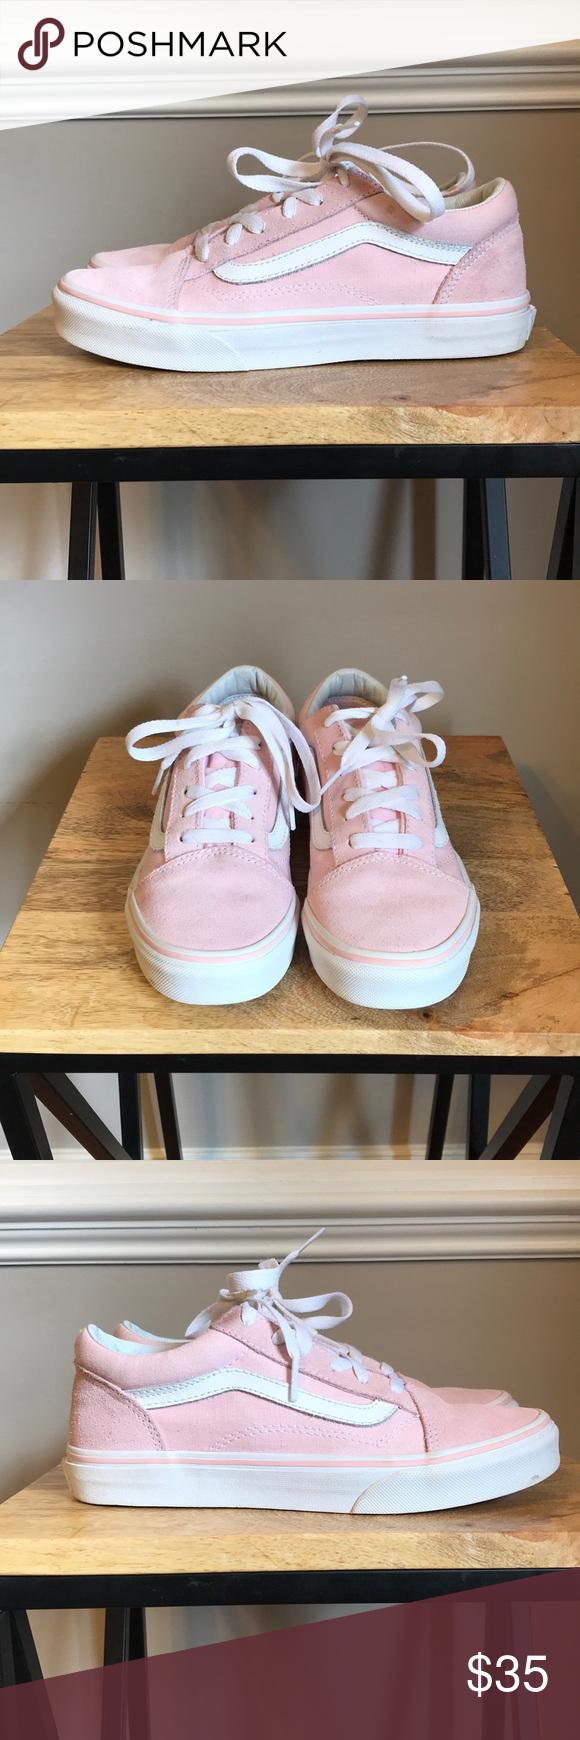 Vans Old Skool Sneakers Girls size 4 in